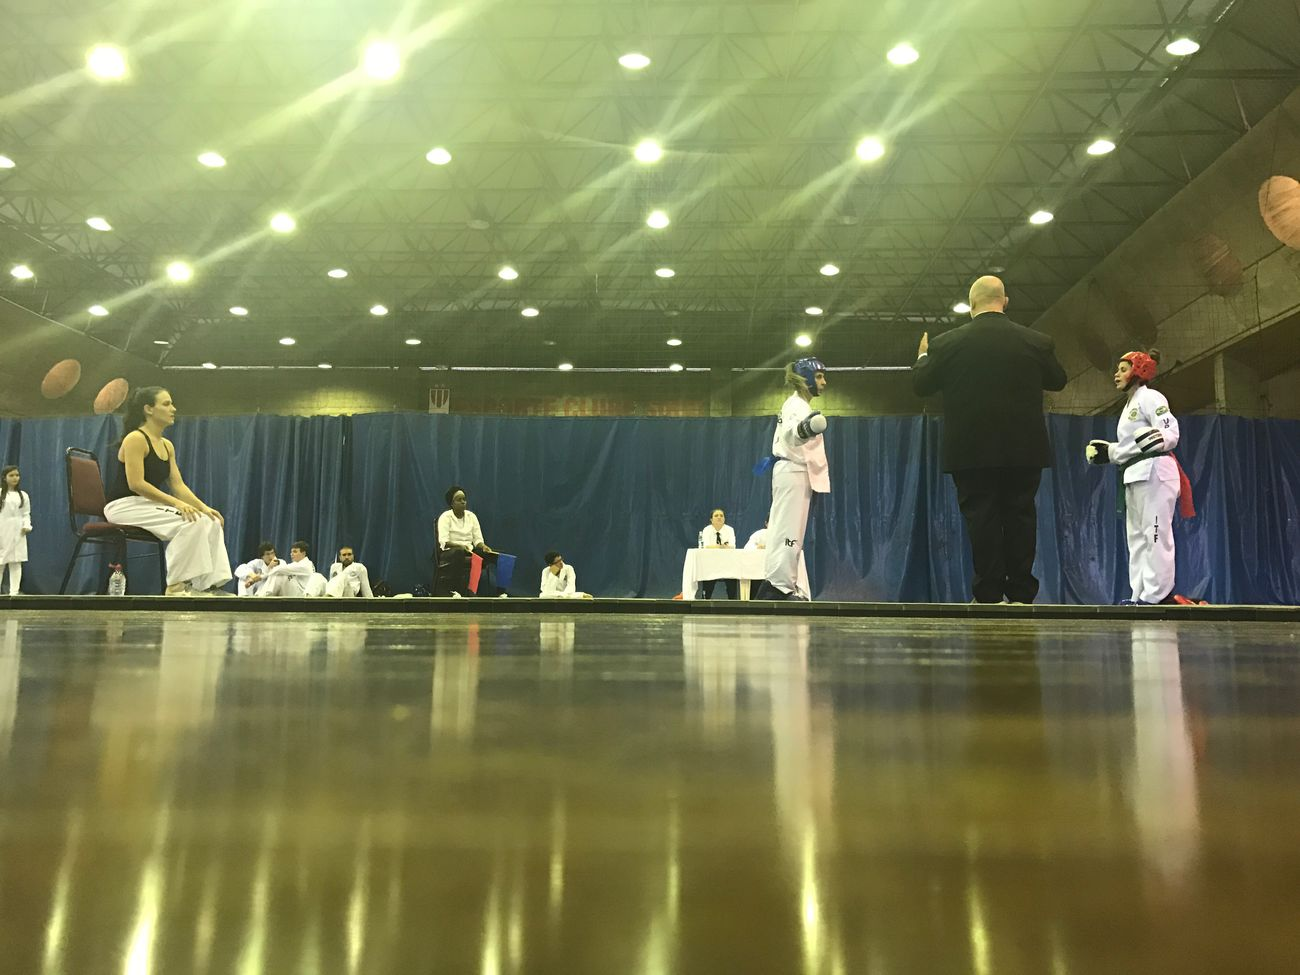 Round 1 Fight Taekwondo Tae Kwon Do Girl Fight